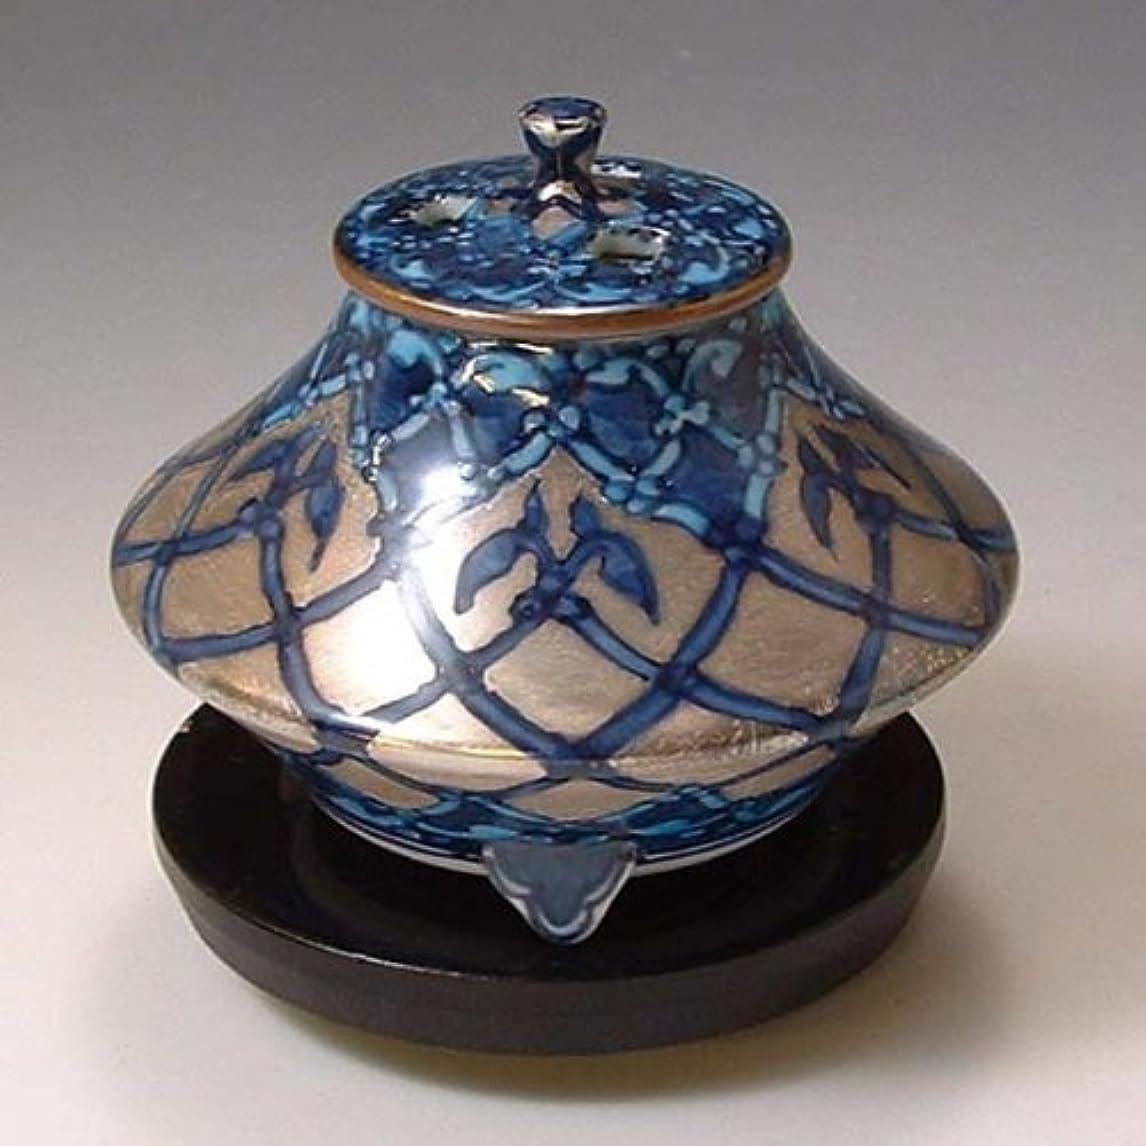 つかまえるインディカサーカス京焼 清水焼 香炉(黒台付) 銀モスク ぎんもすく YKY110